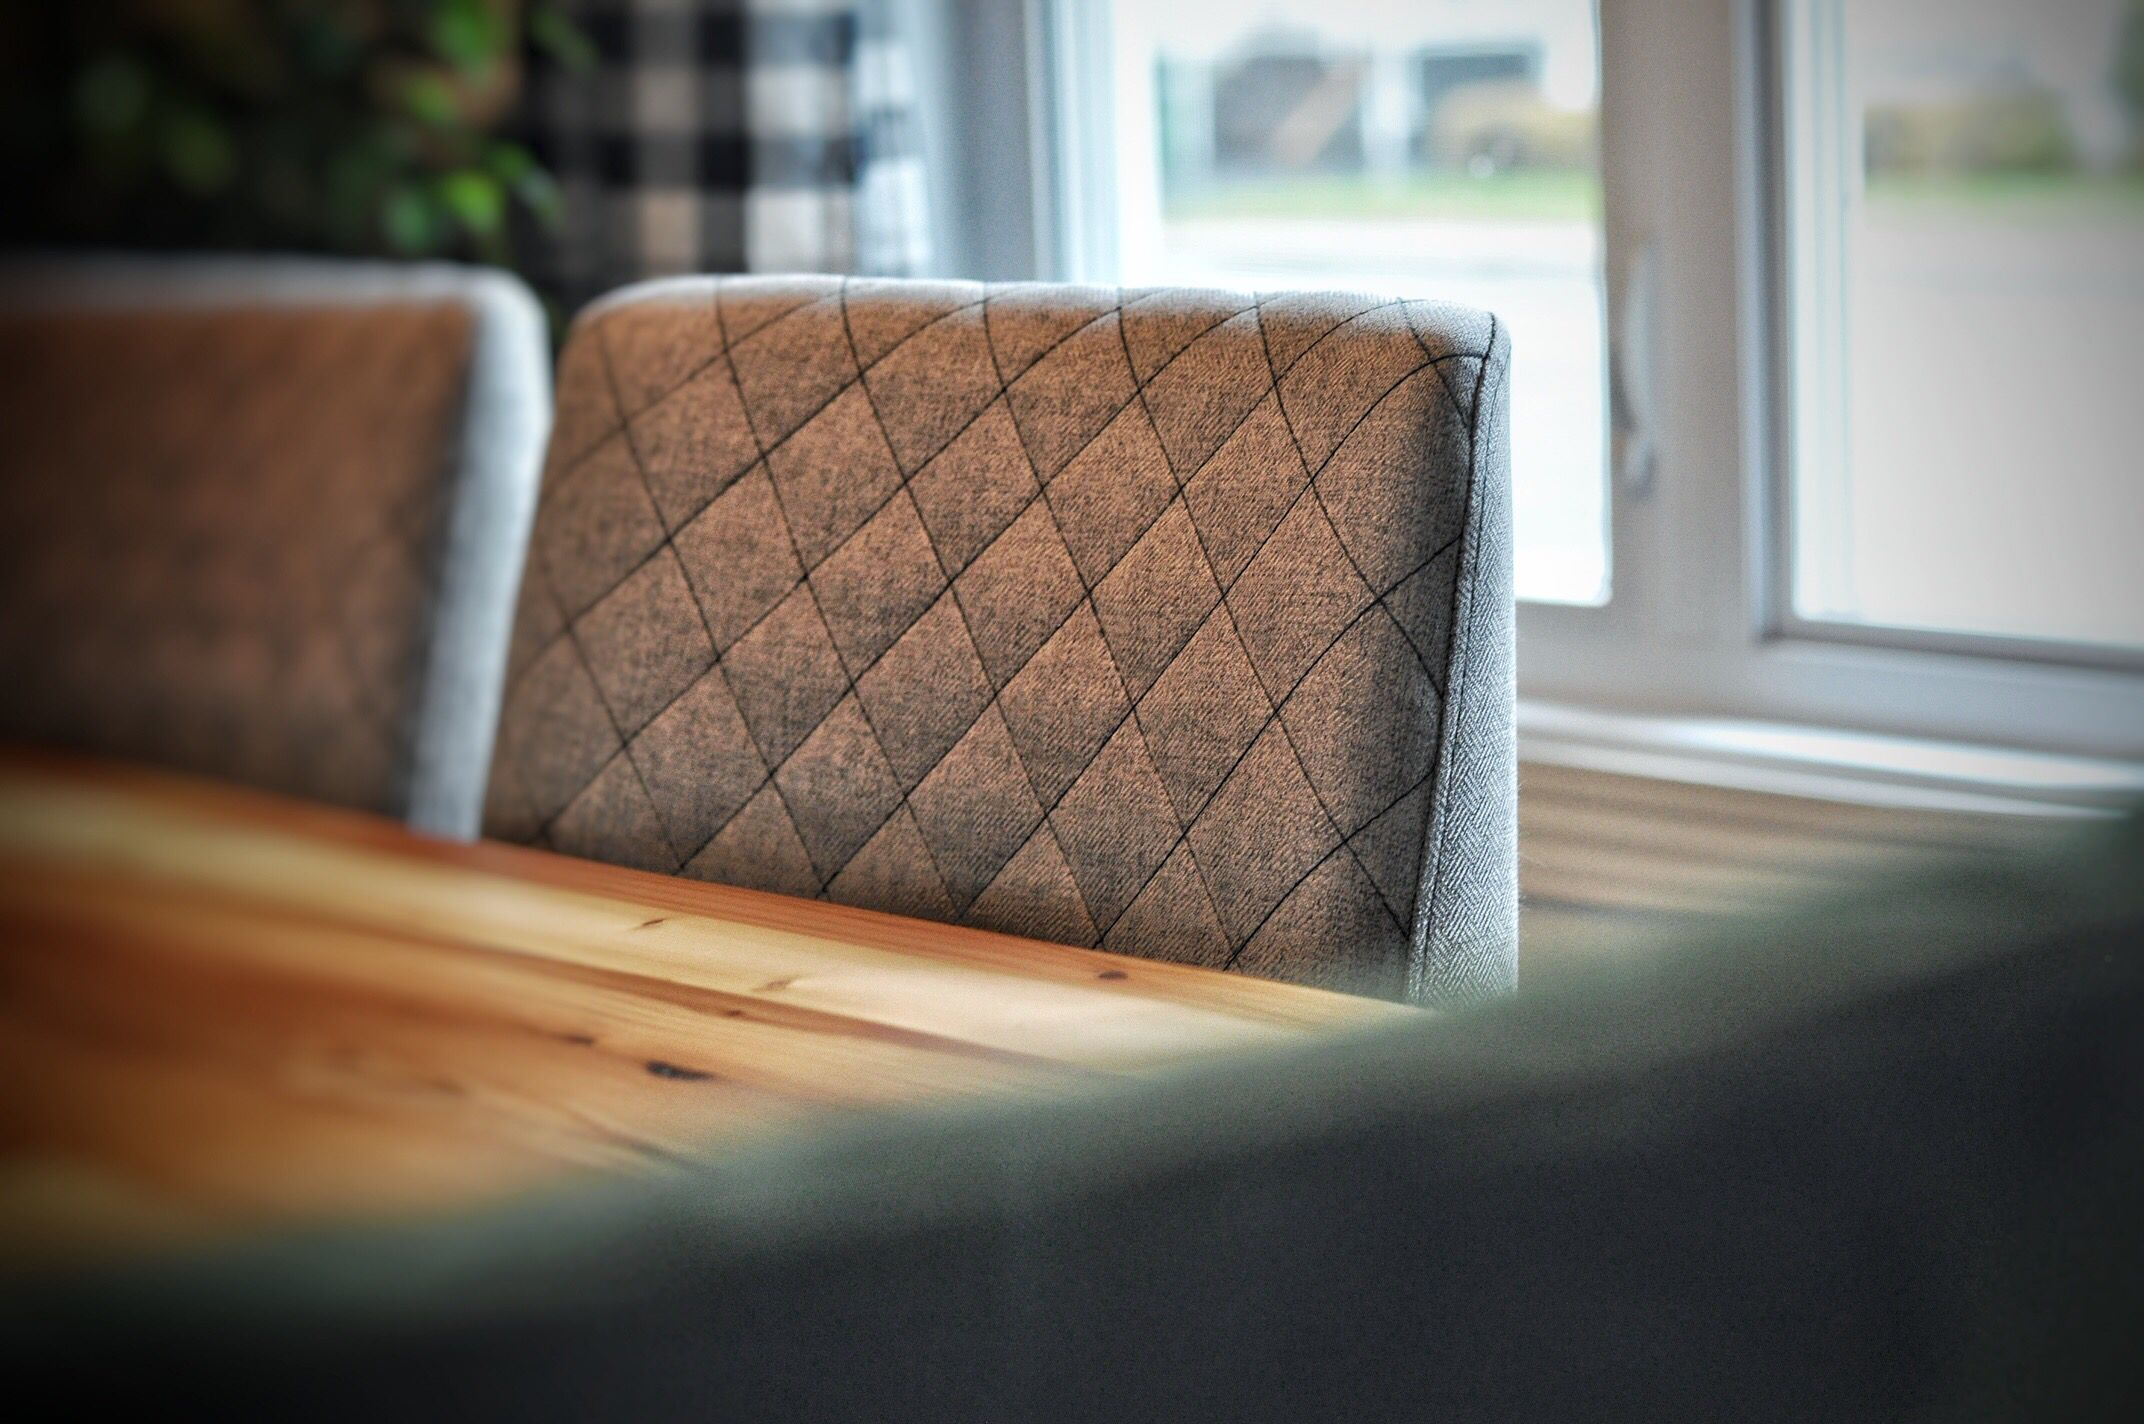 Chaises Marvin B 915 Surmesure Lusine Chaise Marvin B915 Chaise Chair Chair Decor